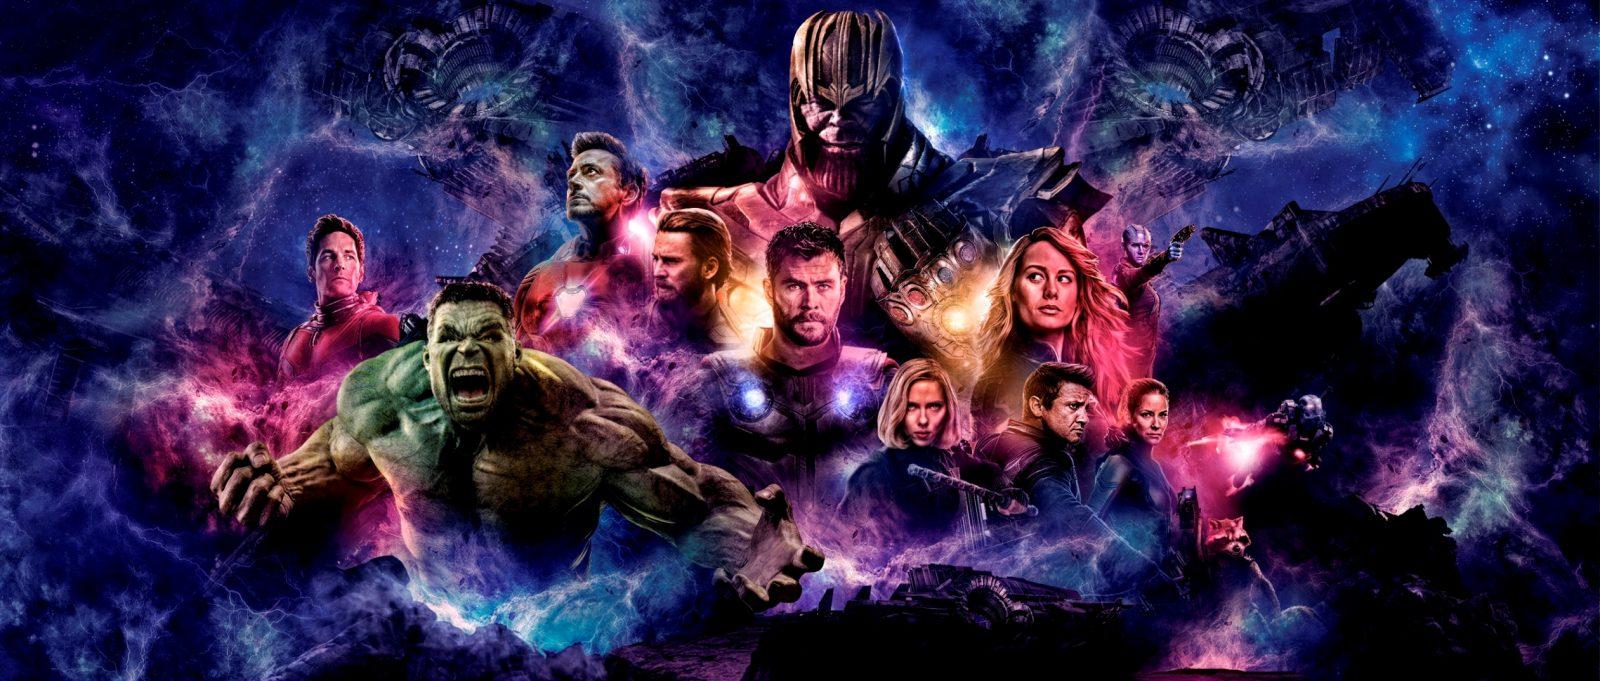 «Мстители: Финал» может побить рекорд по продолжительности